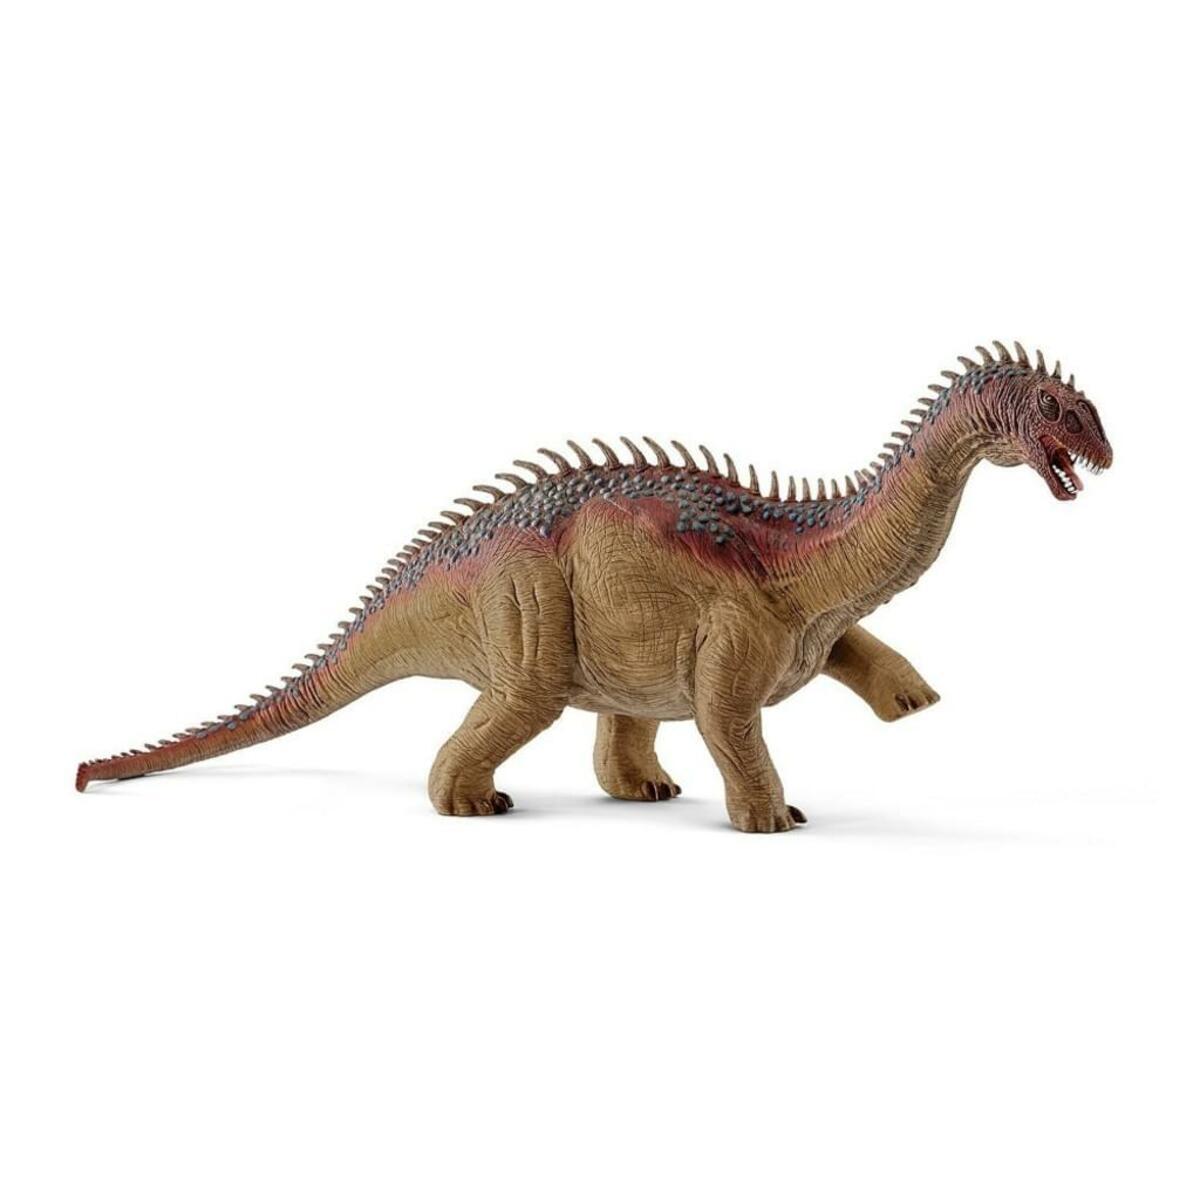 Bild 3 von Schleich - Tierfiguren, Barapasaurus; 14574